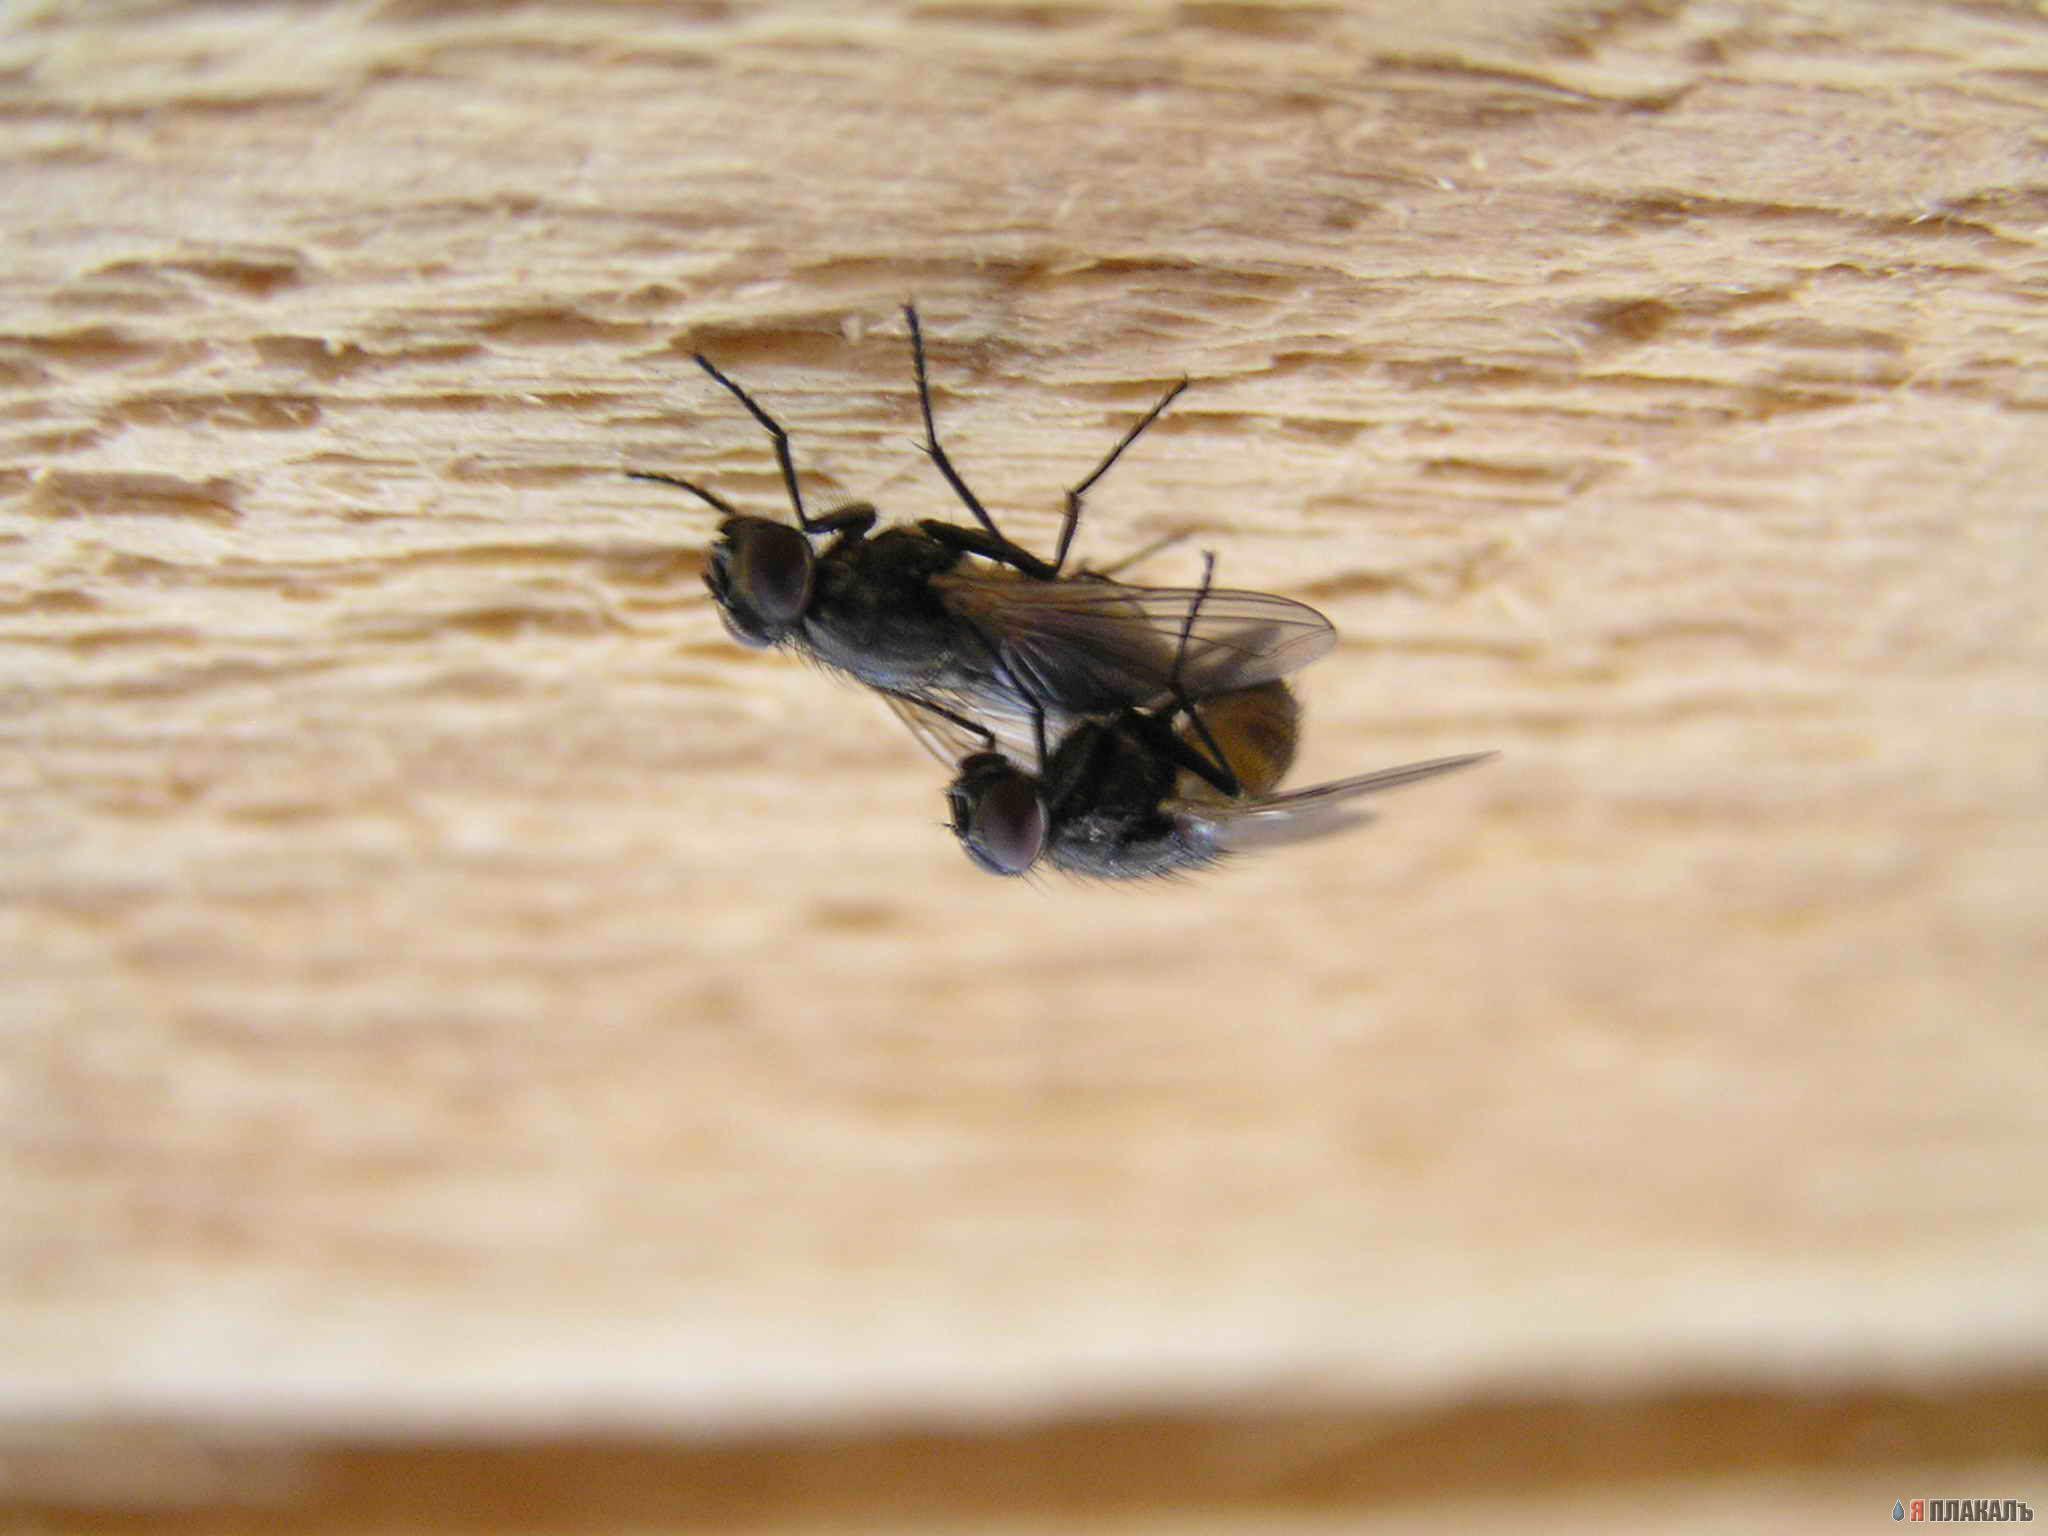 Почему муха ходит по потолку проект. исследовательская работа на тему » почему муха не падает с потолка». ученые разобрались, почему муха не падает с потолка